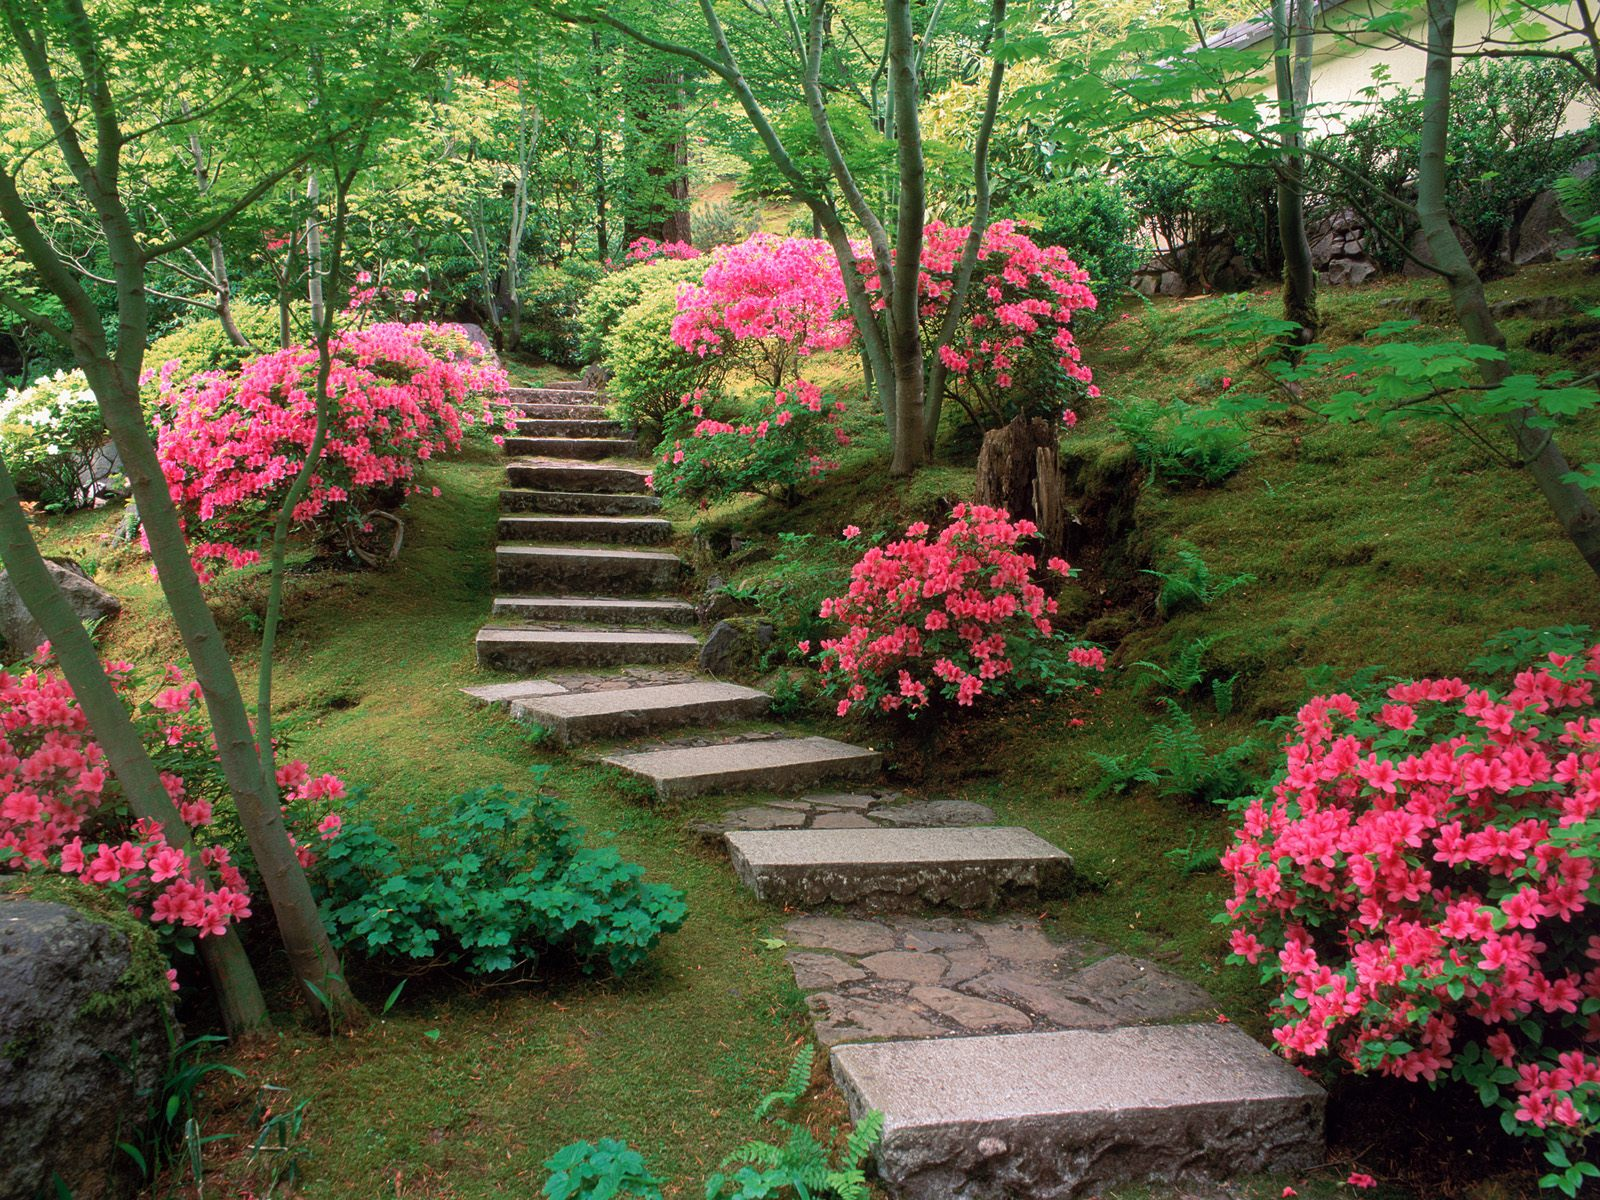 http://2.bp.blogspot.com/-uhbt4VwE2vU/Ttlj8rdwRMI/AAAAAAAABAY/Q_0-tI8D5h4/s1600/japanese%2Bgarden%2Bidea%2B4.jpg